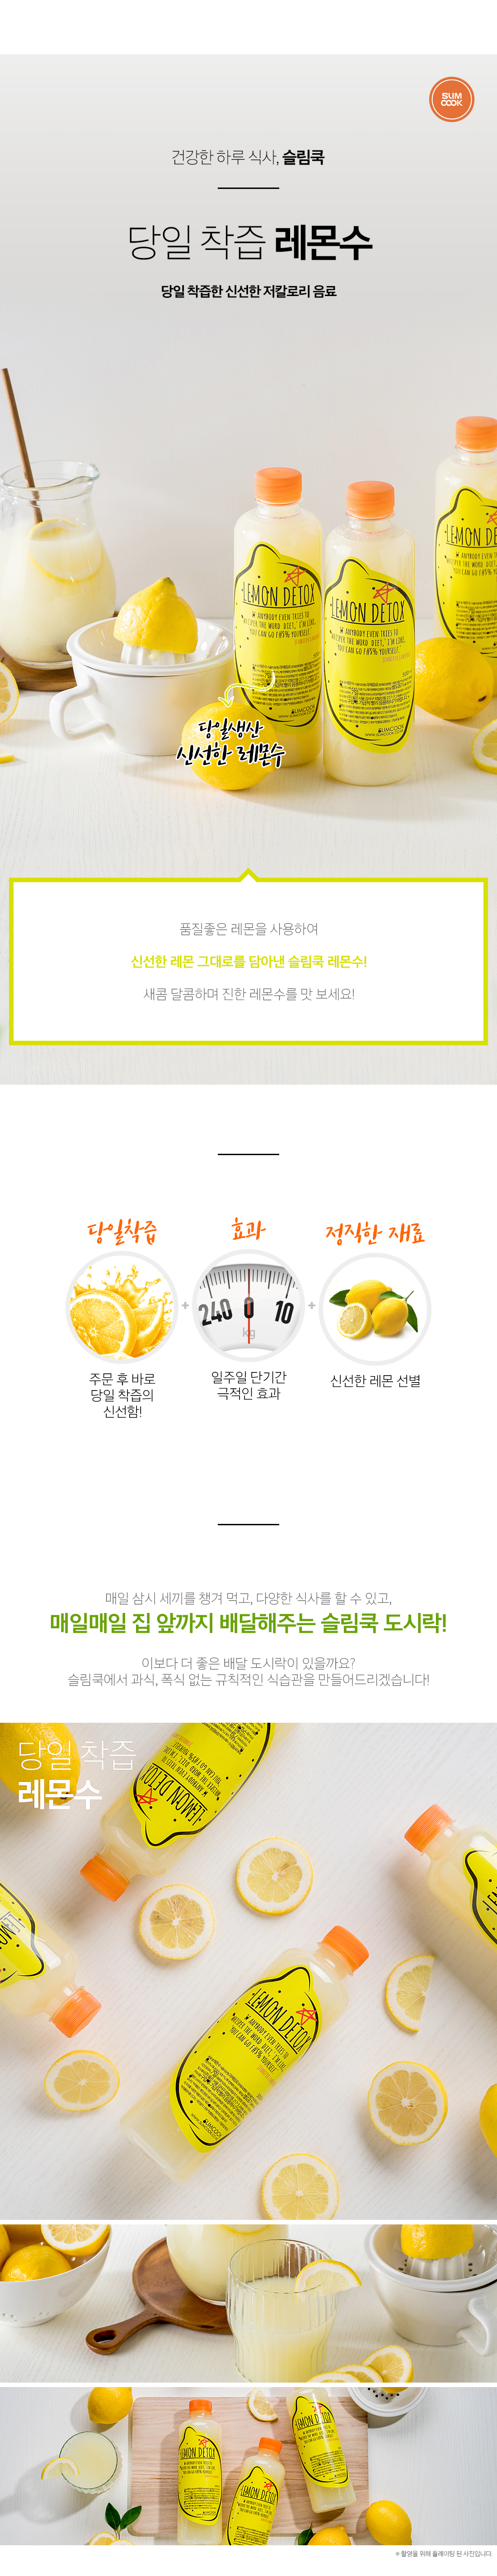 슬림쿡 당일 착즙 레몬수